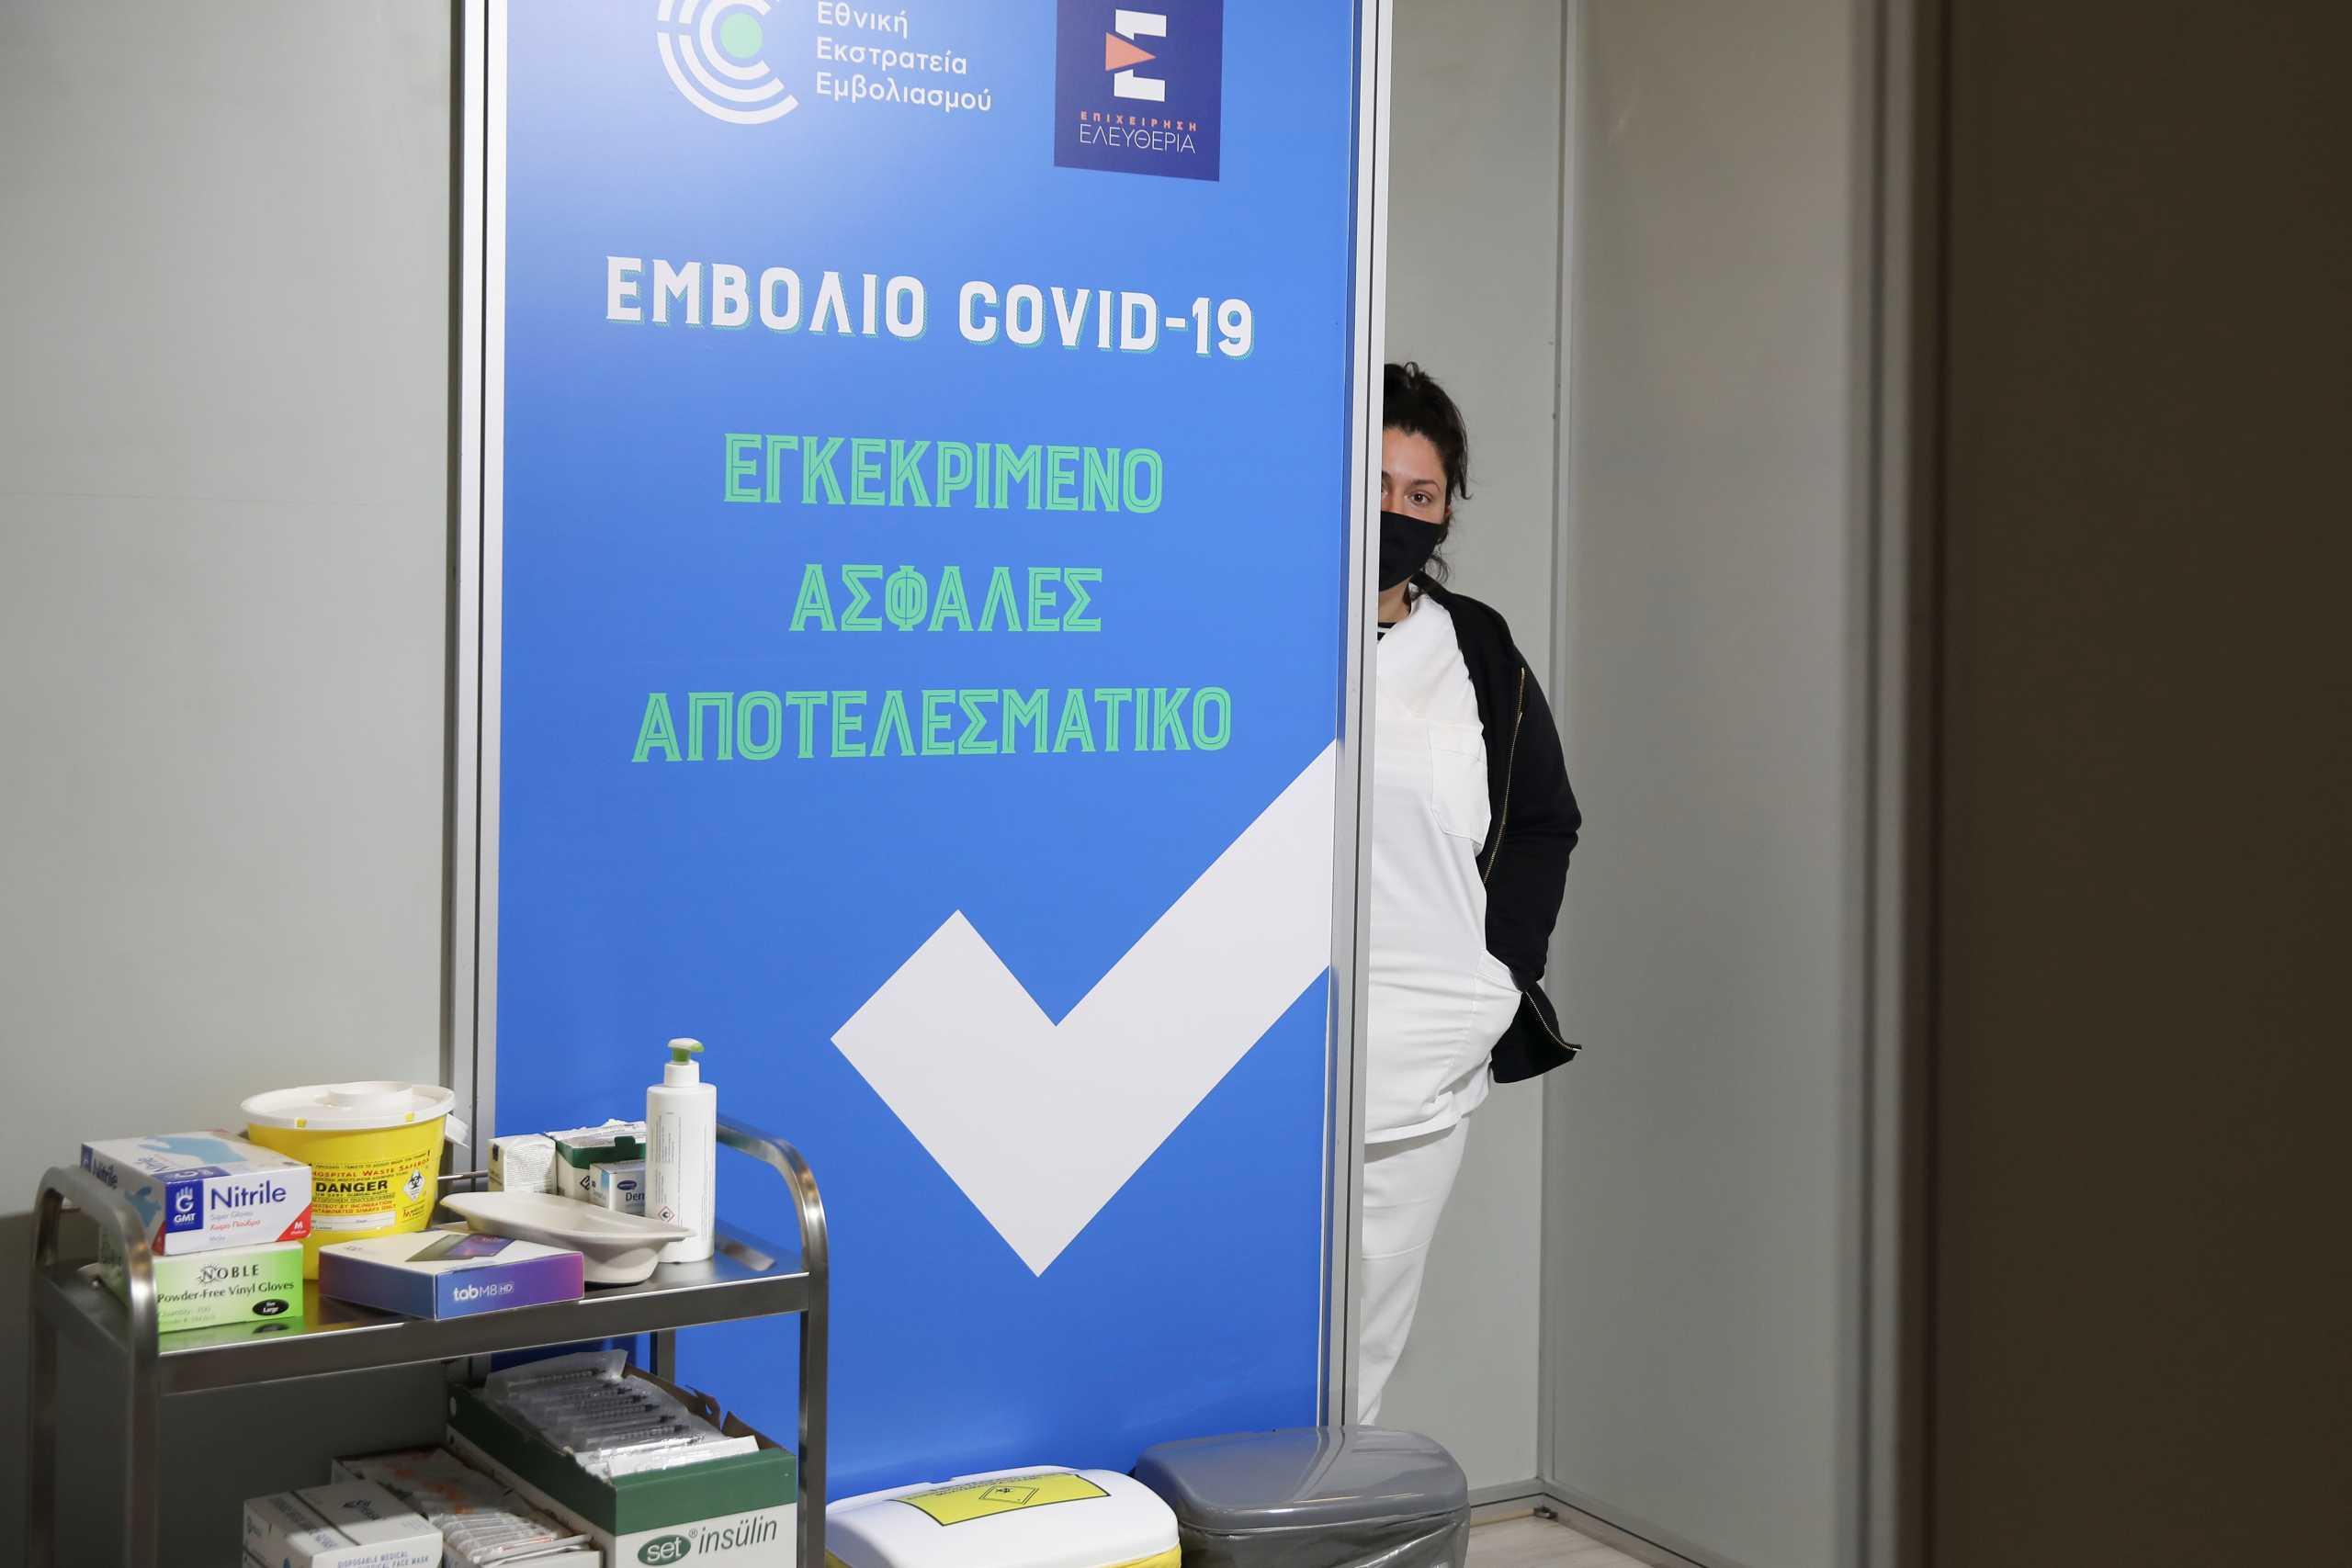 Εμβόλιο κορονοϊού: Σήμερα ανοίγει η πλατφόρμα για όσους έχουν υποκείμενα νοσήματα πολύ υψηλού κινδύνου